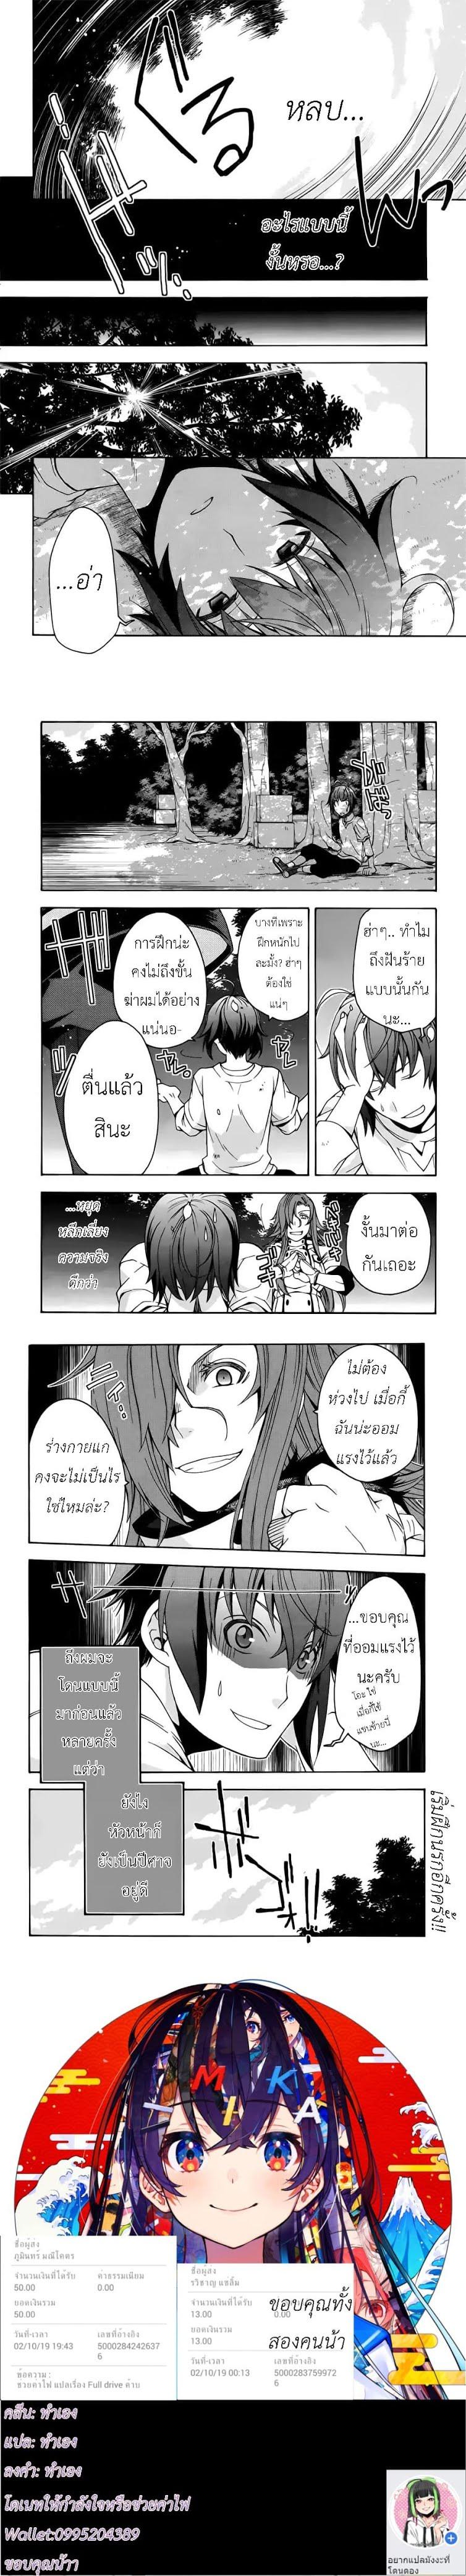 อ่านการ์ตูน Chiyu mahou no machigatta tsukaikata ตอนที่ 13 หน้าที่ 33